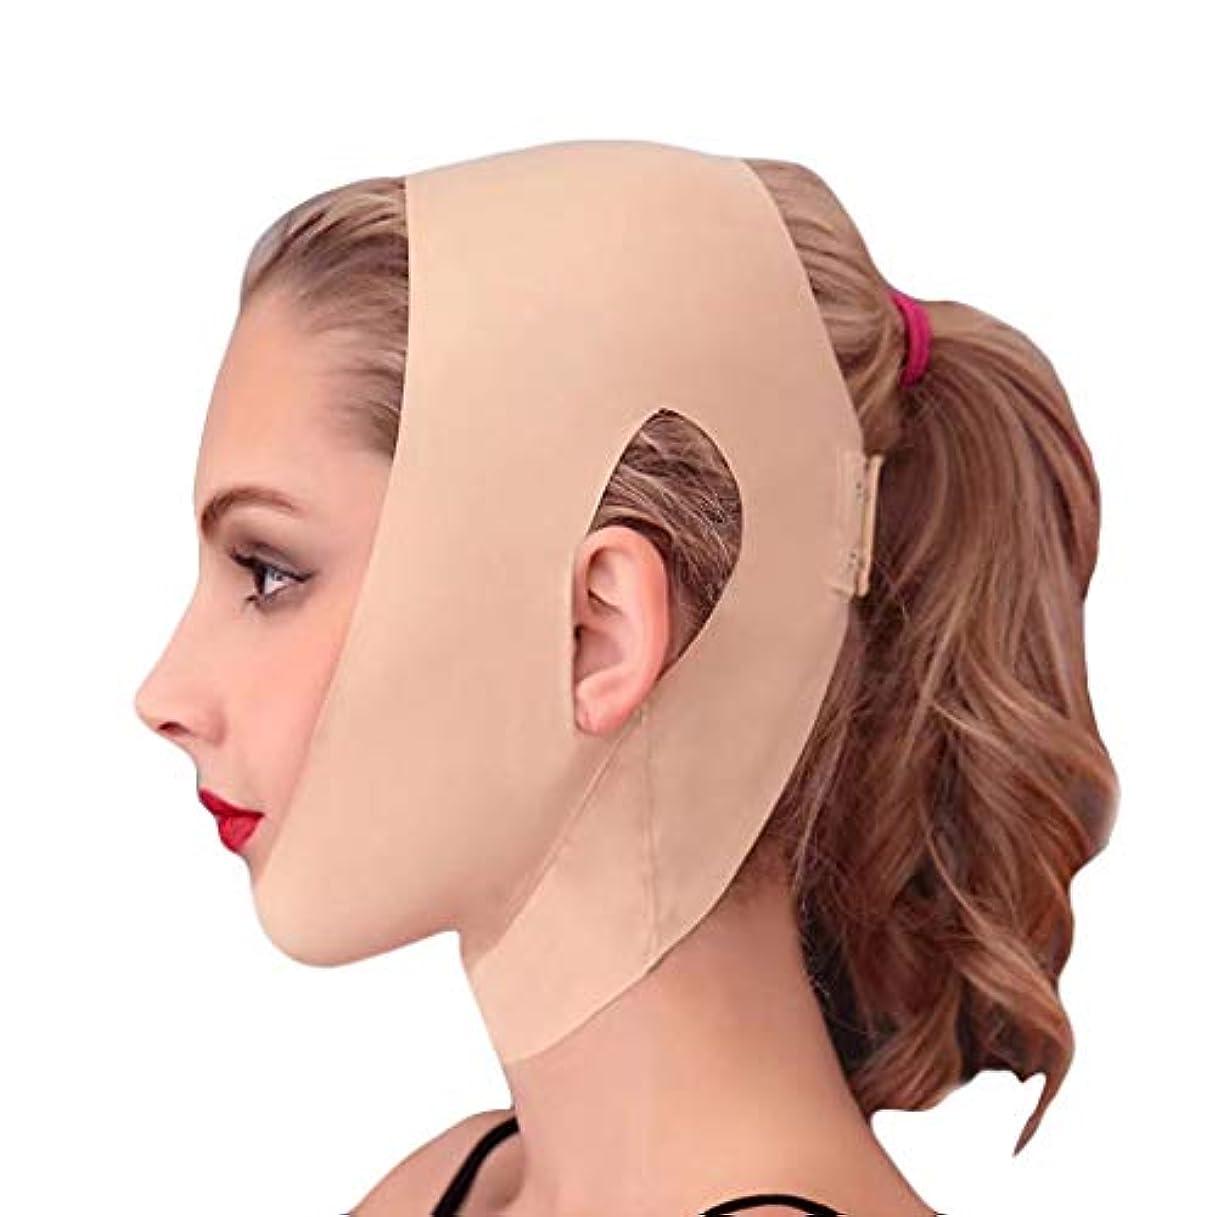 のスコア失われた隣人しっかりした包帯を持ち上げる、顔を持ち上げる、フェイスリフトを引き締める、顔用減量ベルト のための顔用リフトツール